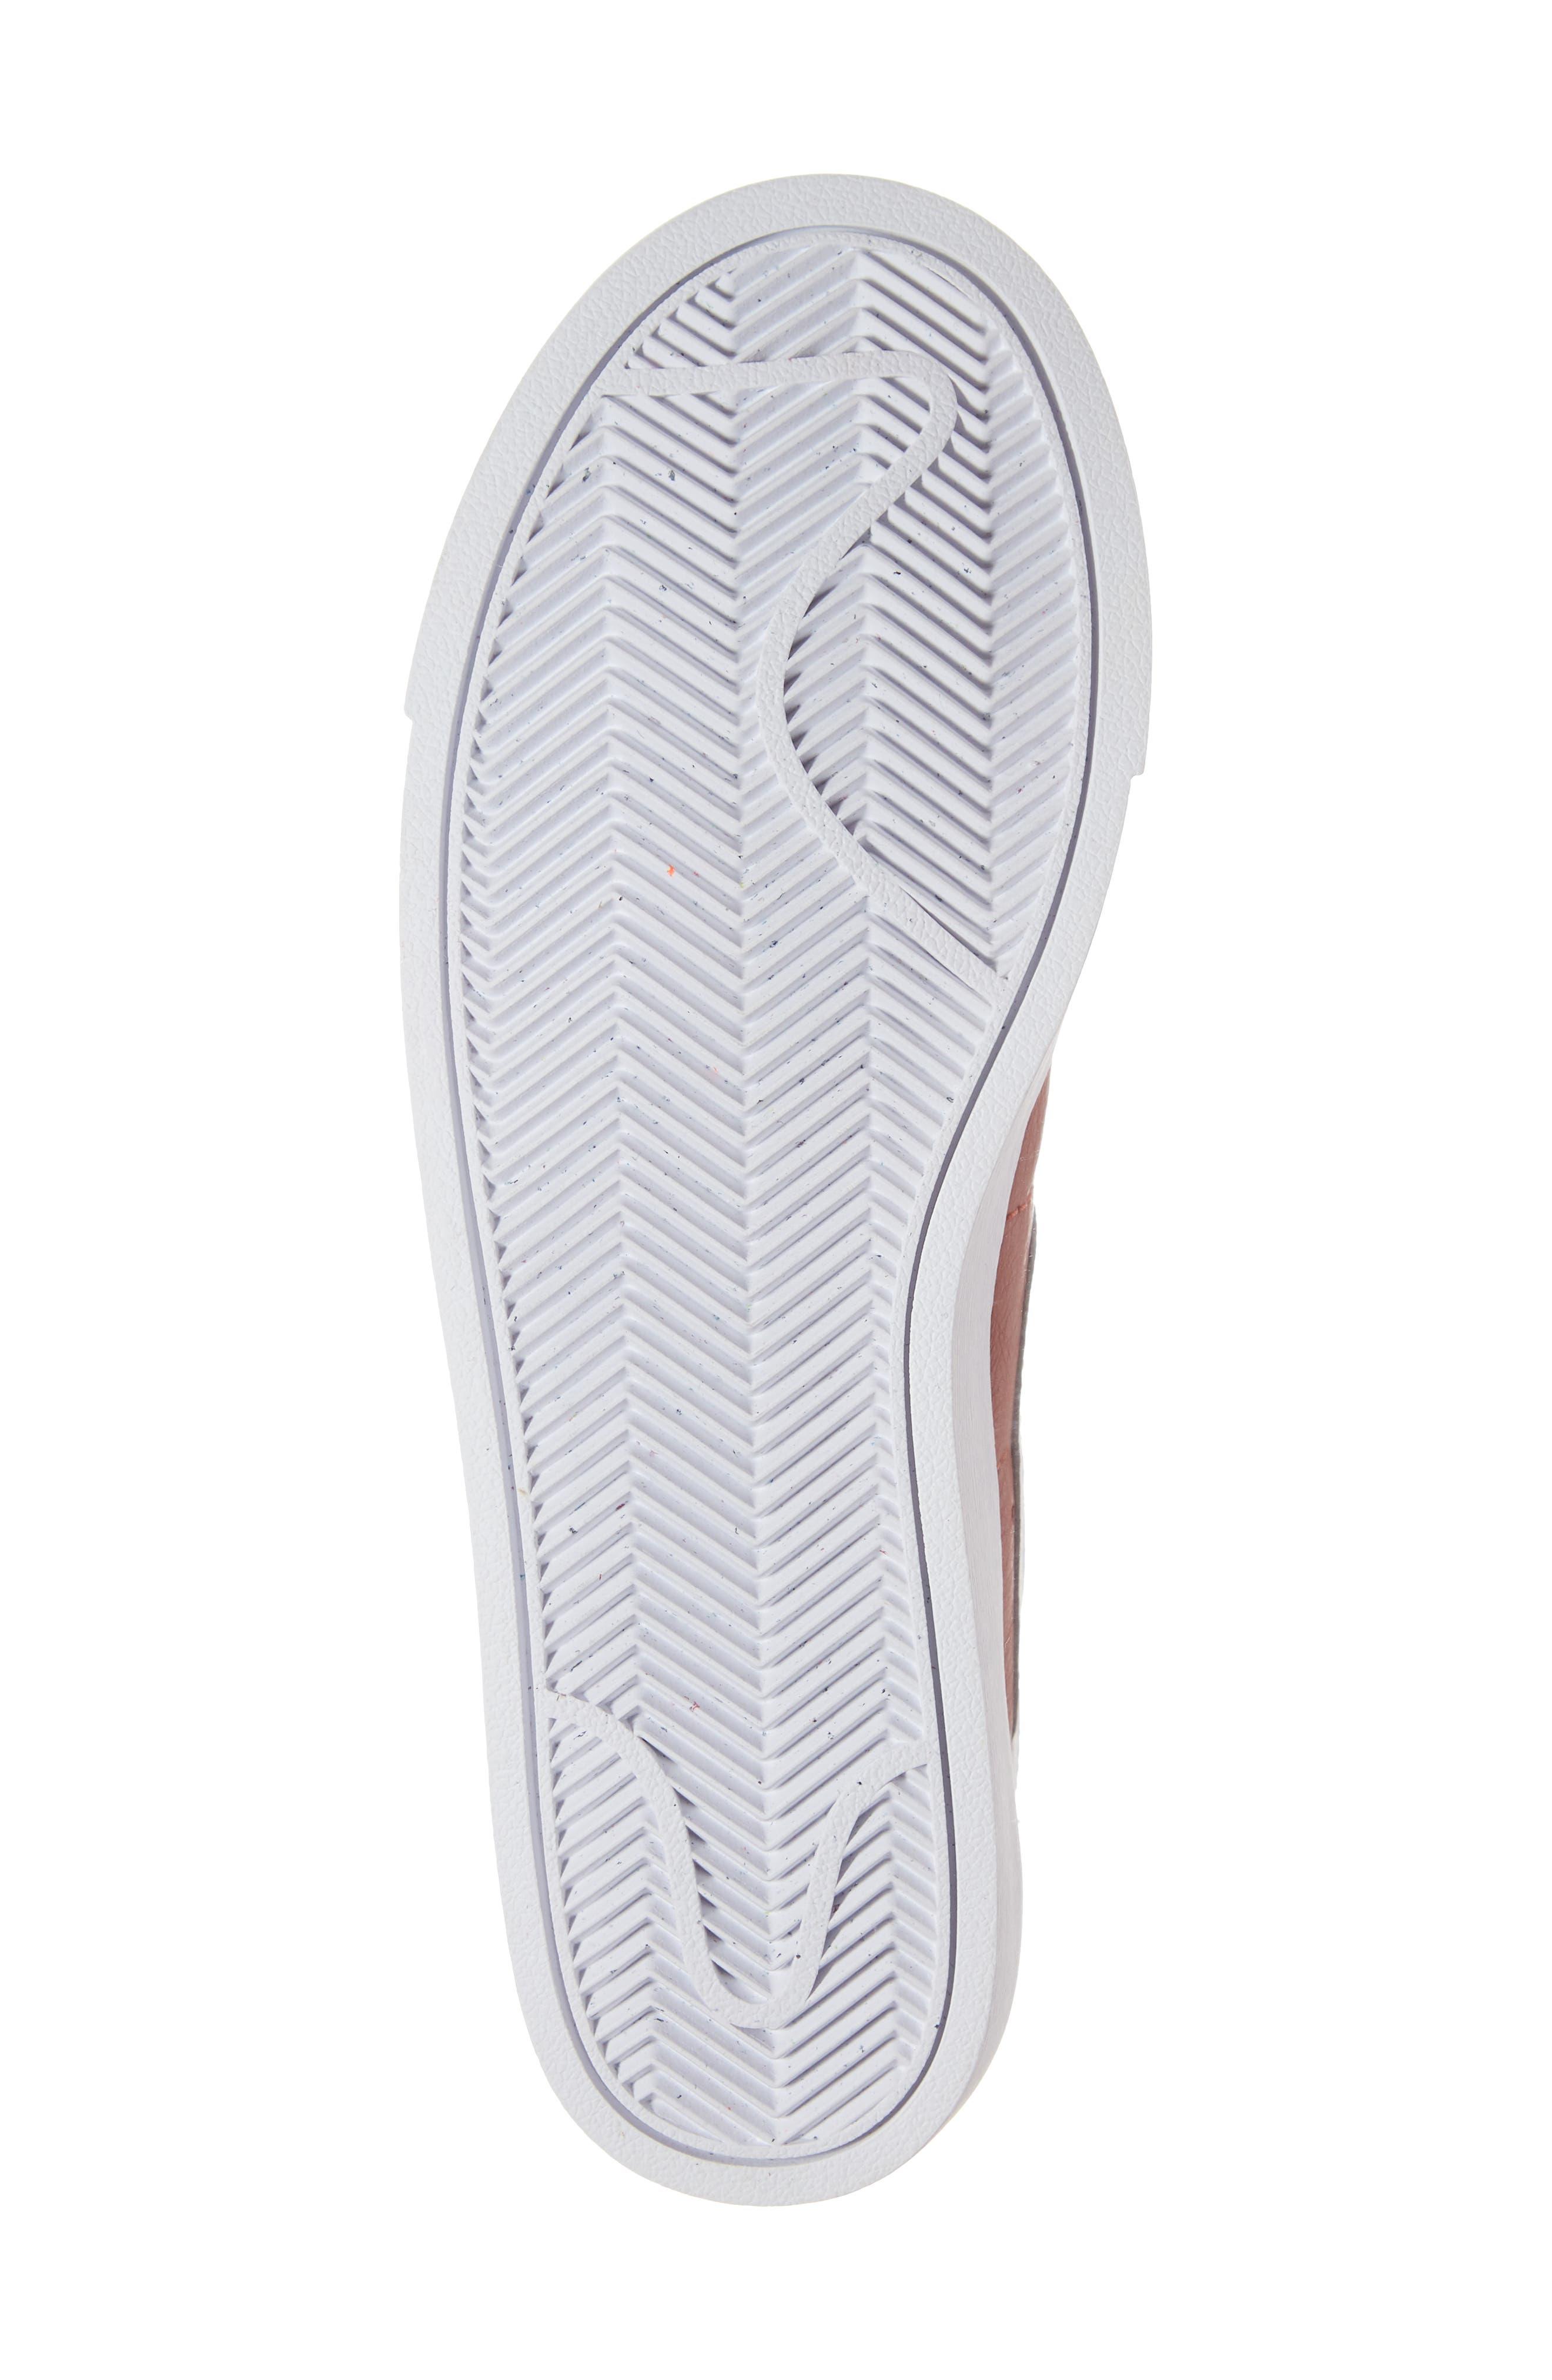 Blazer Low SE Sneaker,                             Alternate thumbnail 6, color,                             DUNE RED/ WHITE-DUNE RED